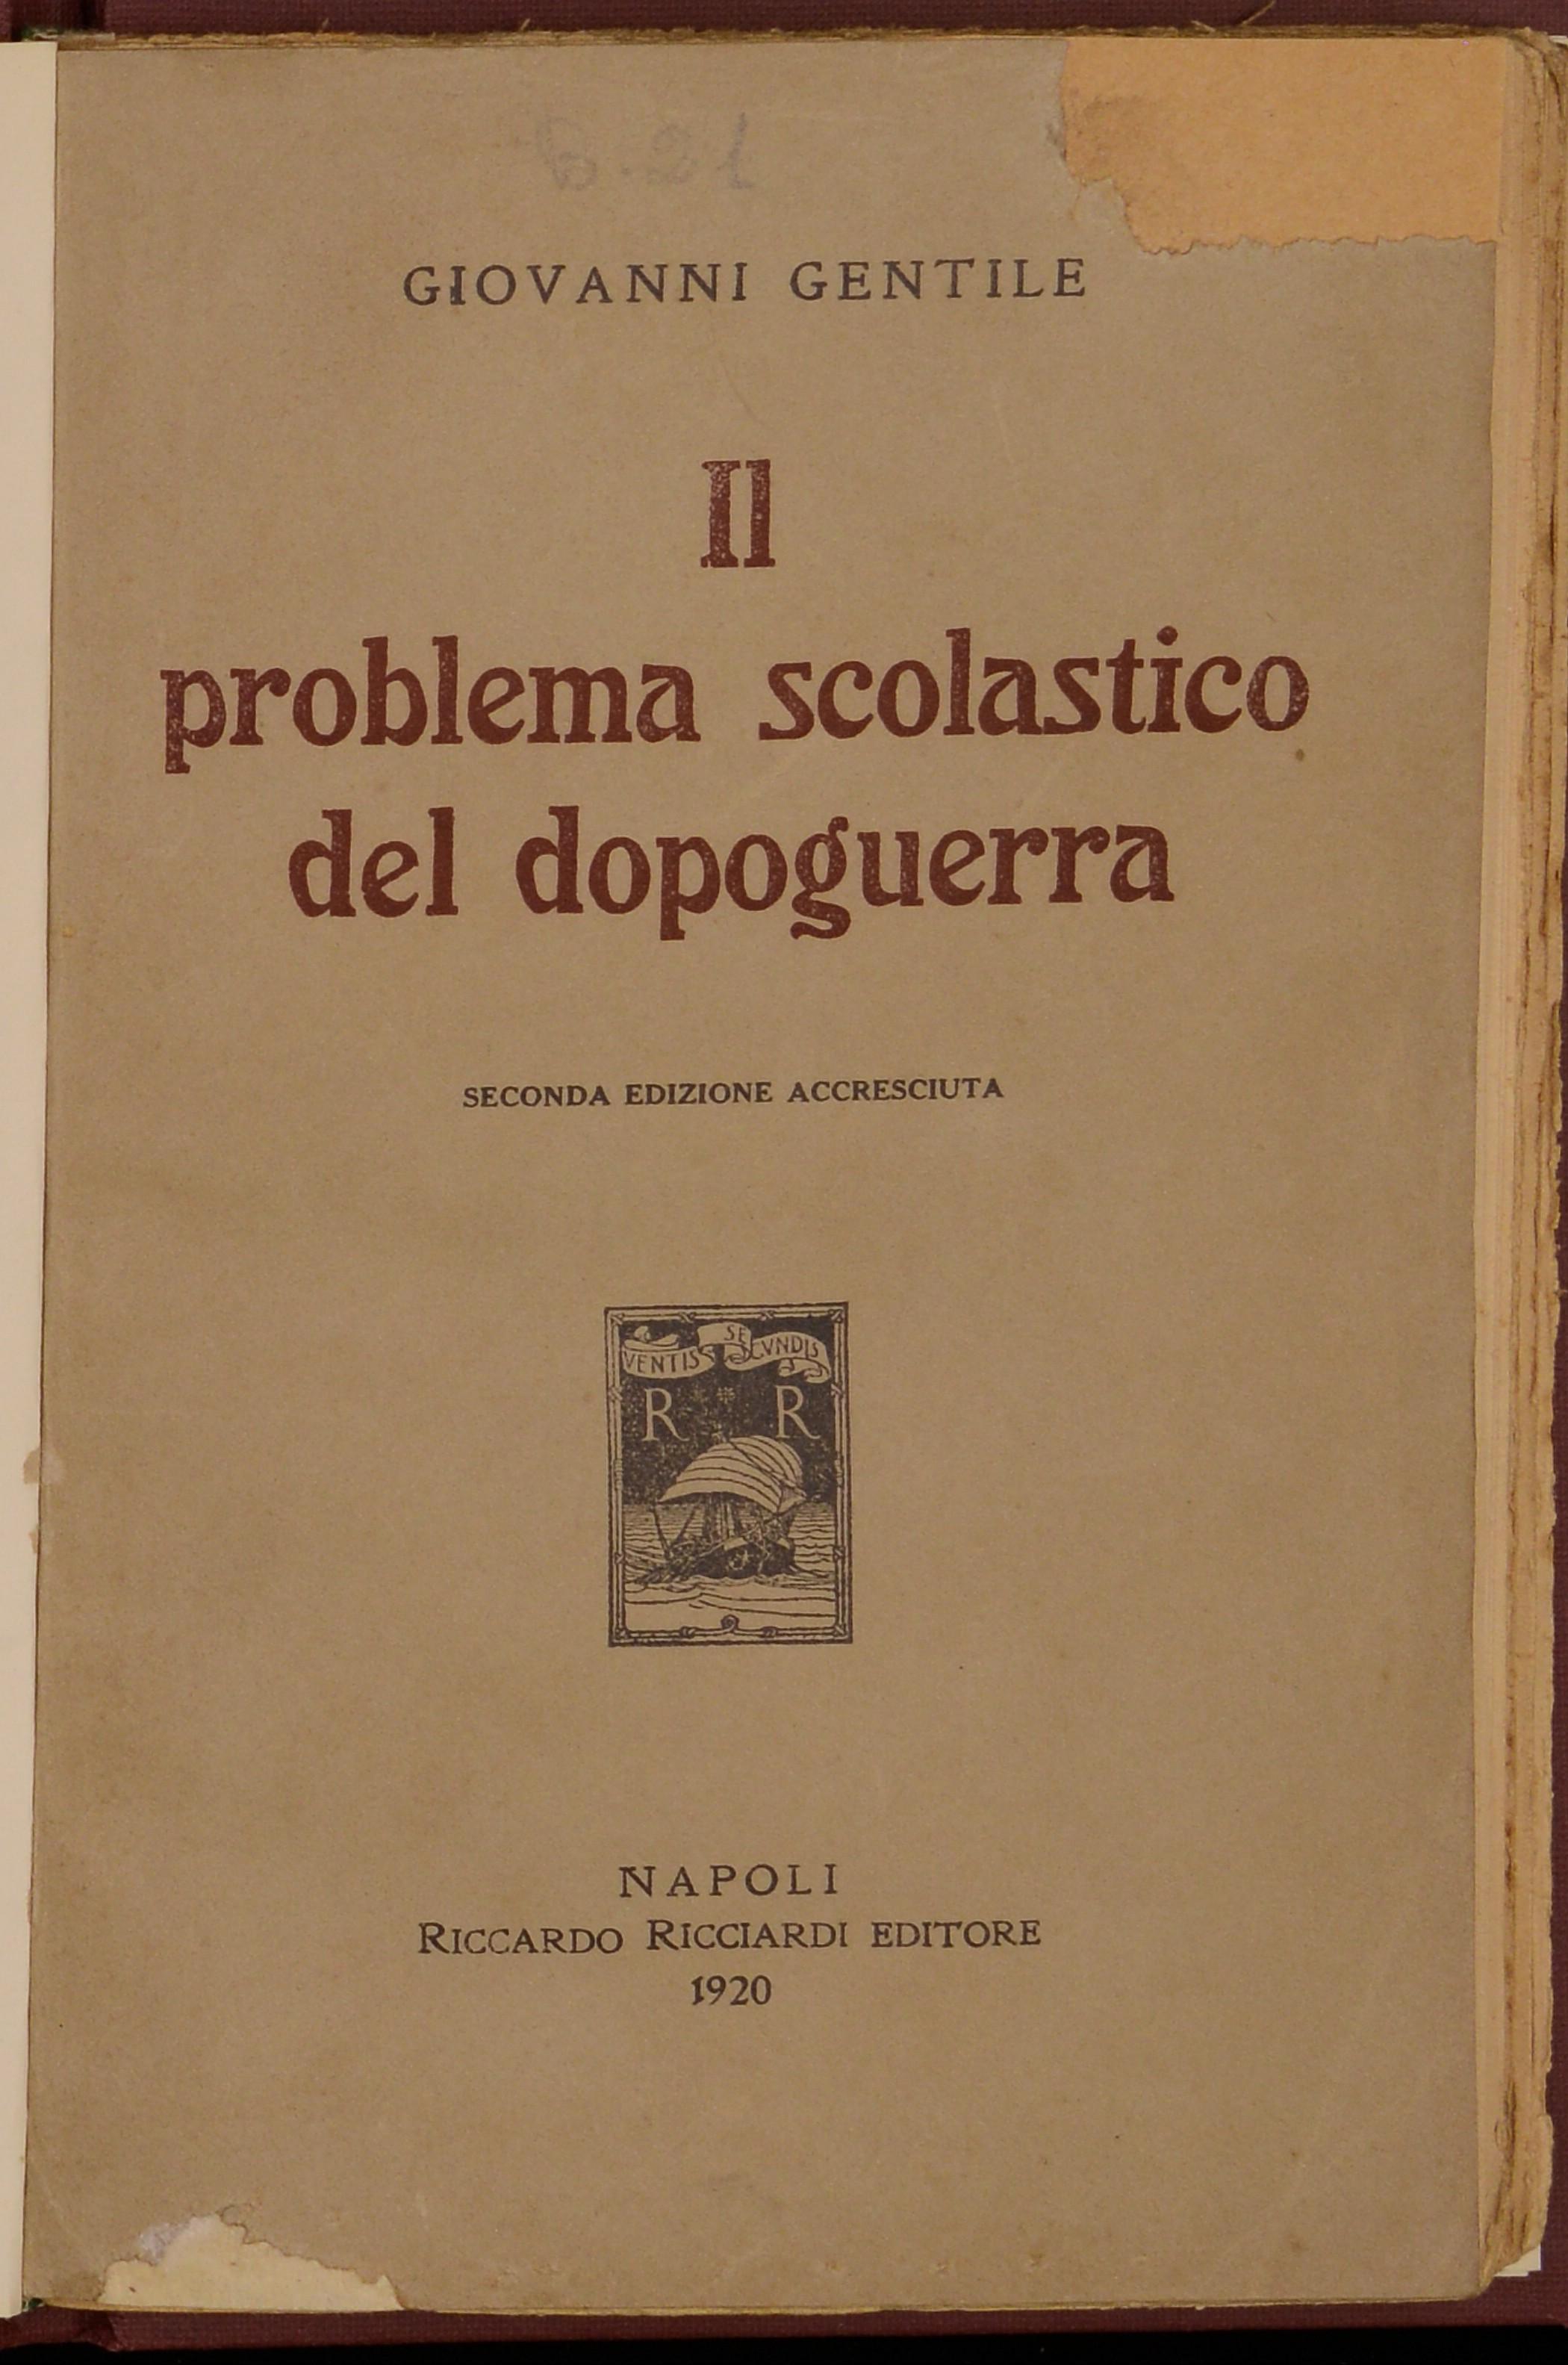 Il problema scolastico del dopoguerra